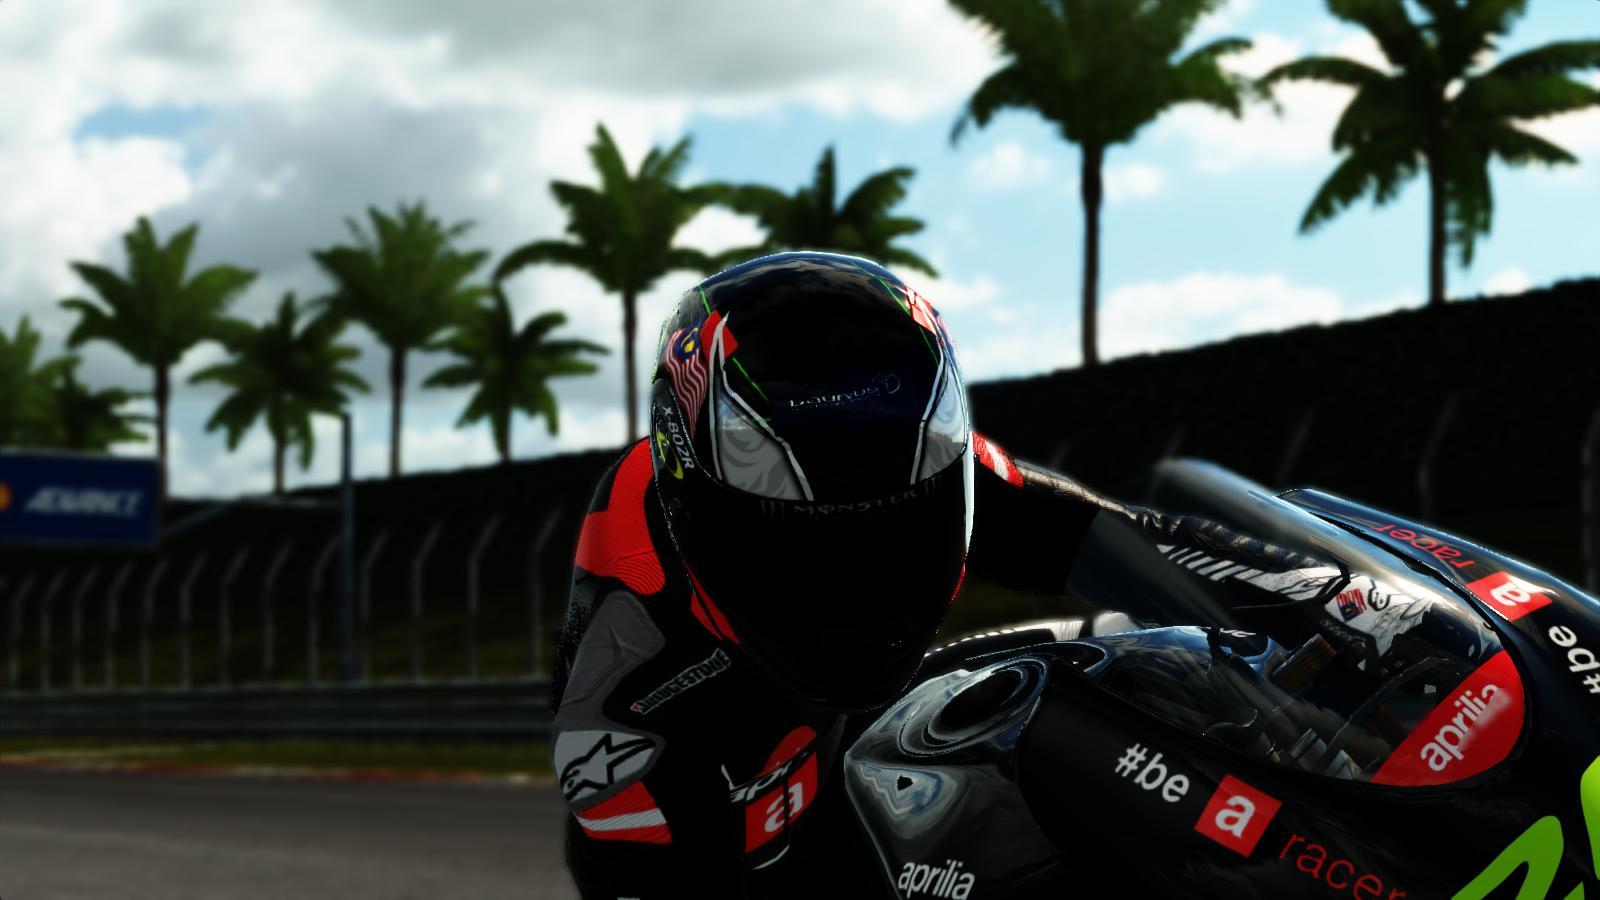 MotoGP14 2014-12-31 15-05-58-33.jpg